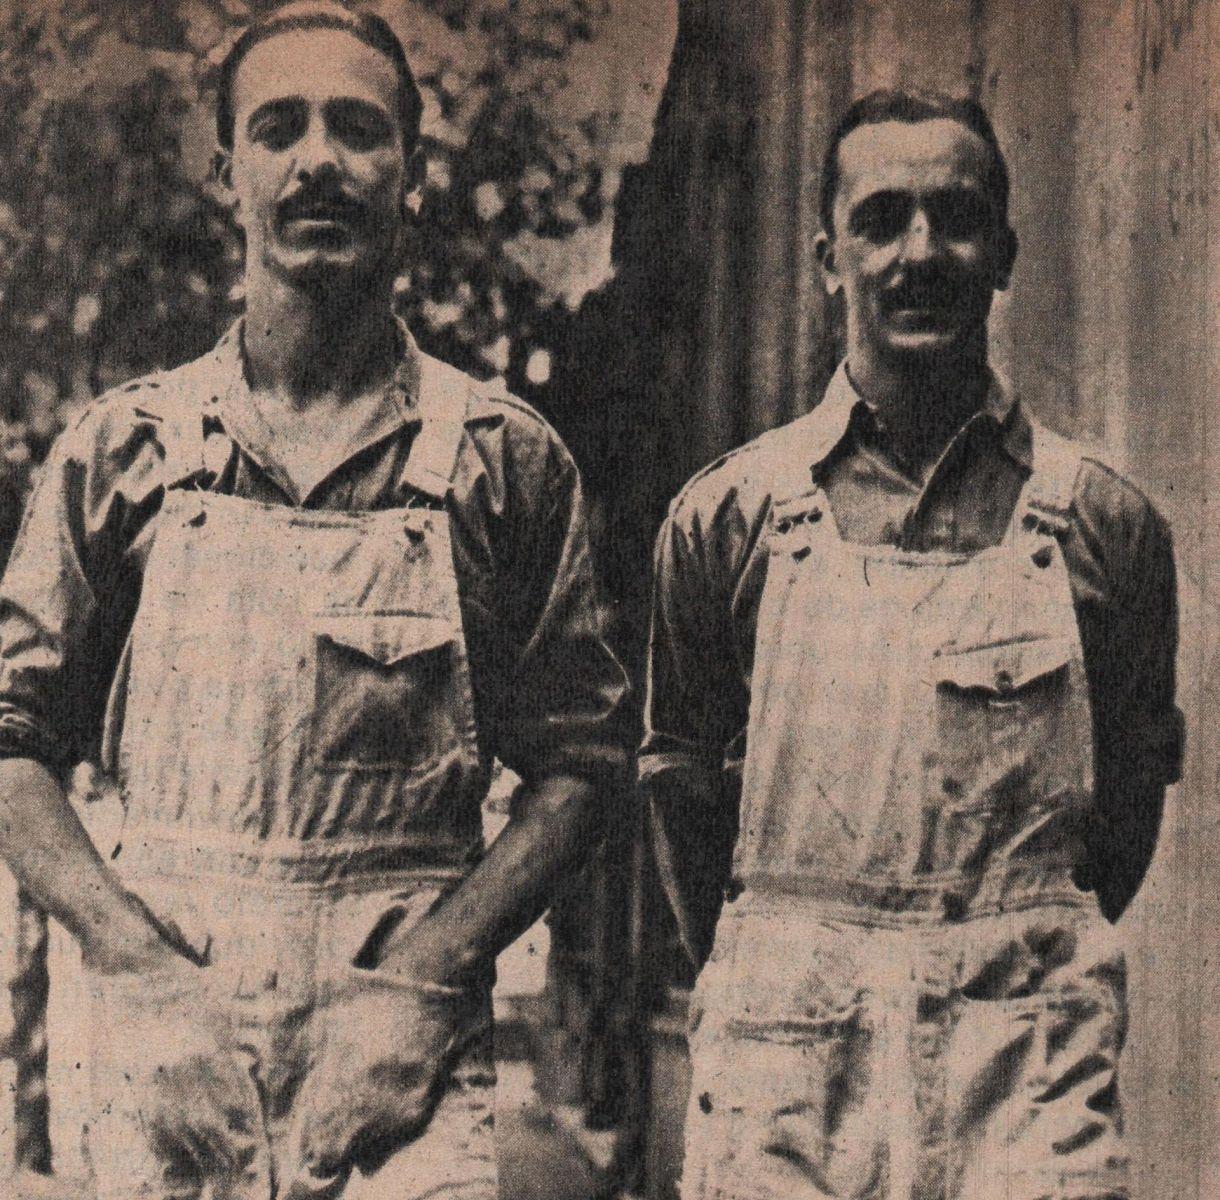 Los hermanos Gálvez: Oscar (der) y Juan (izq.). Crédito: Archivo CORSA.